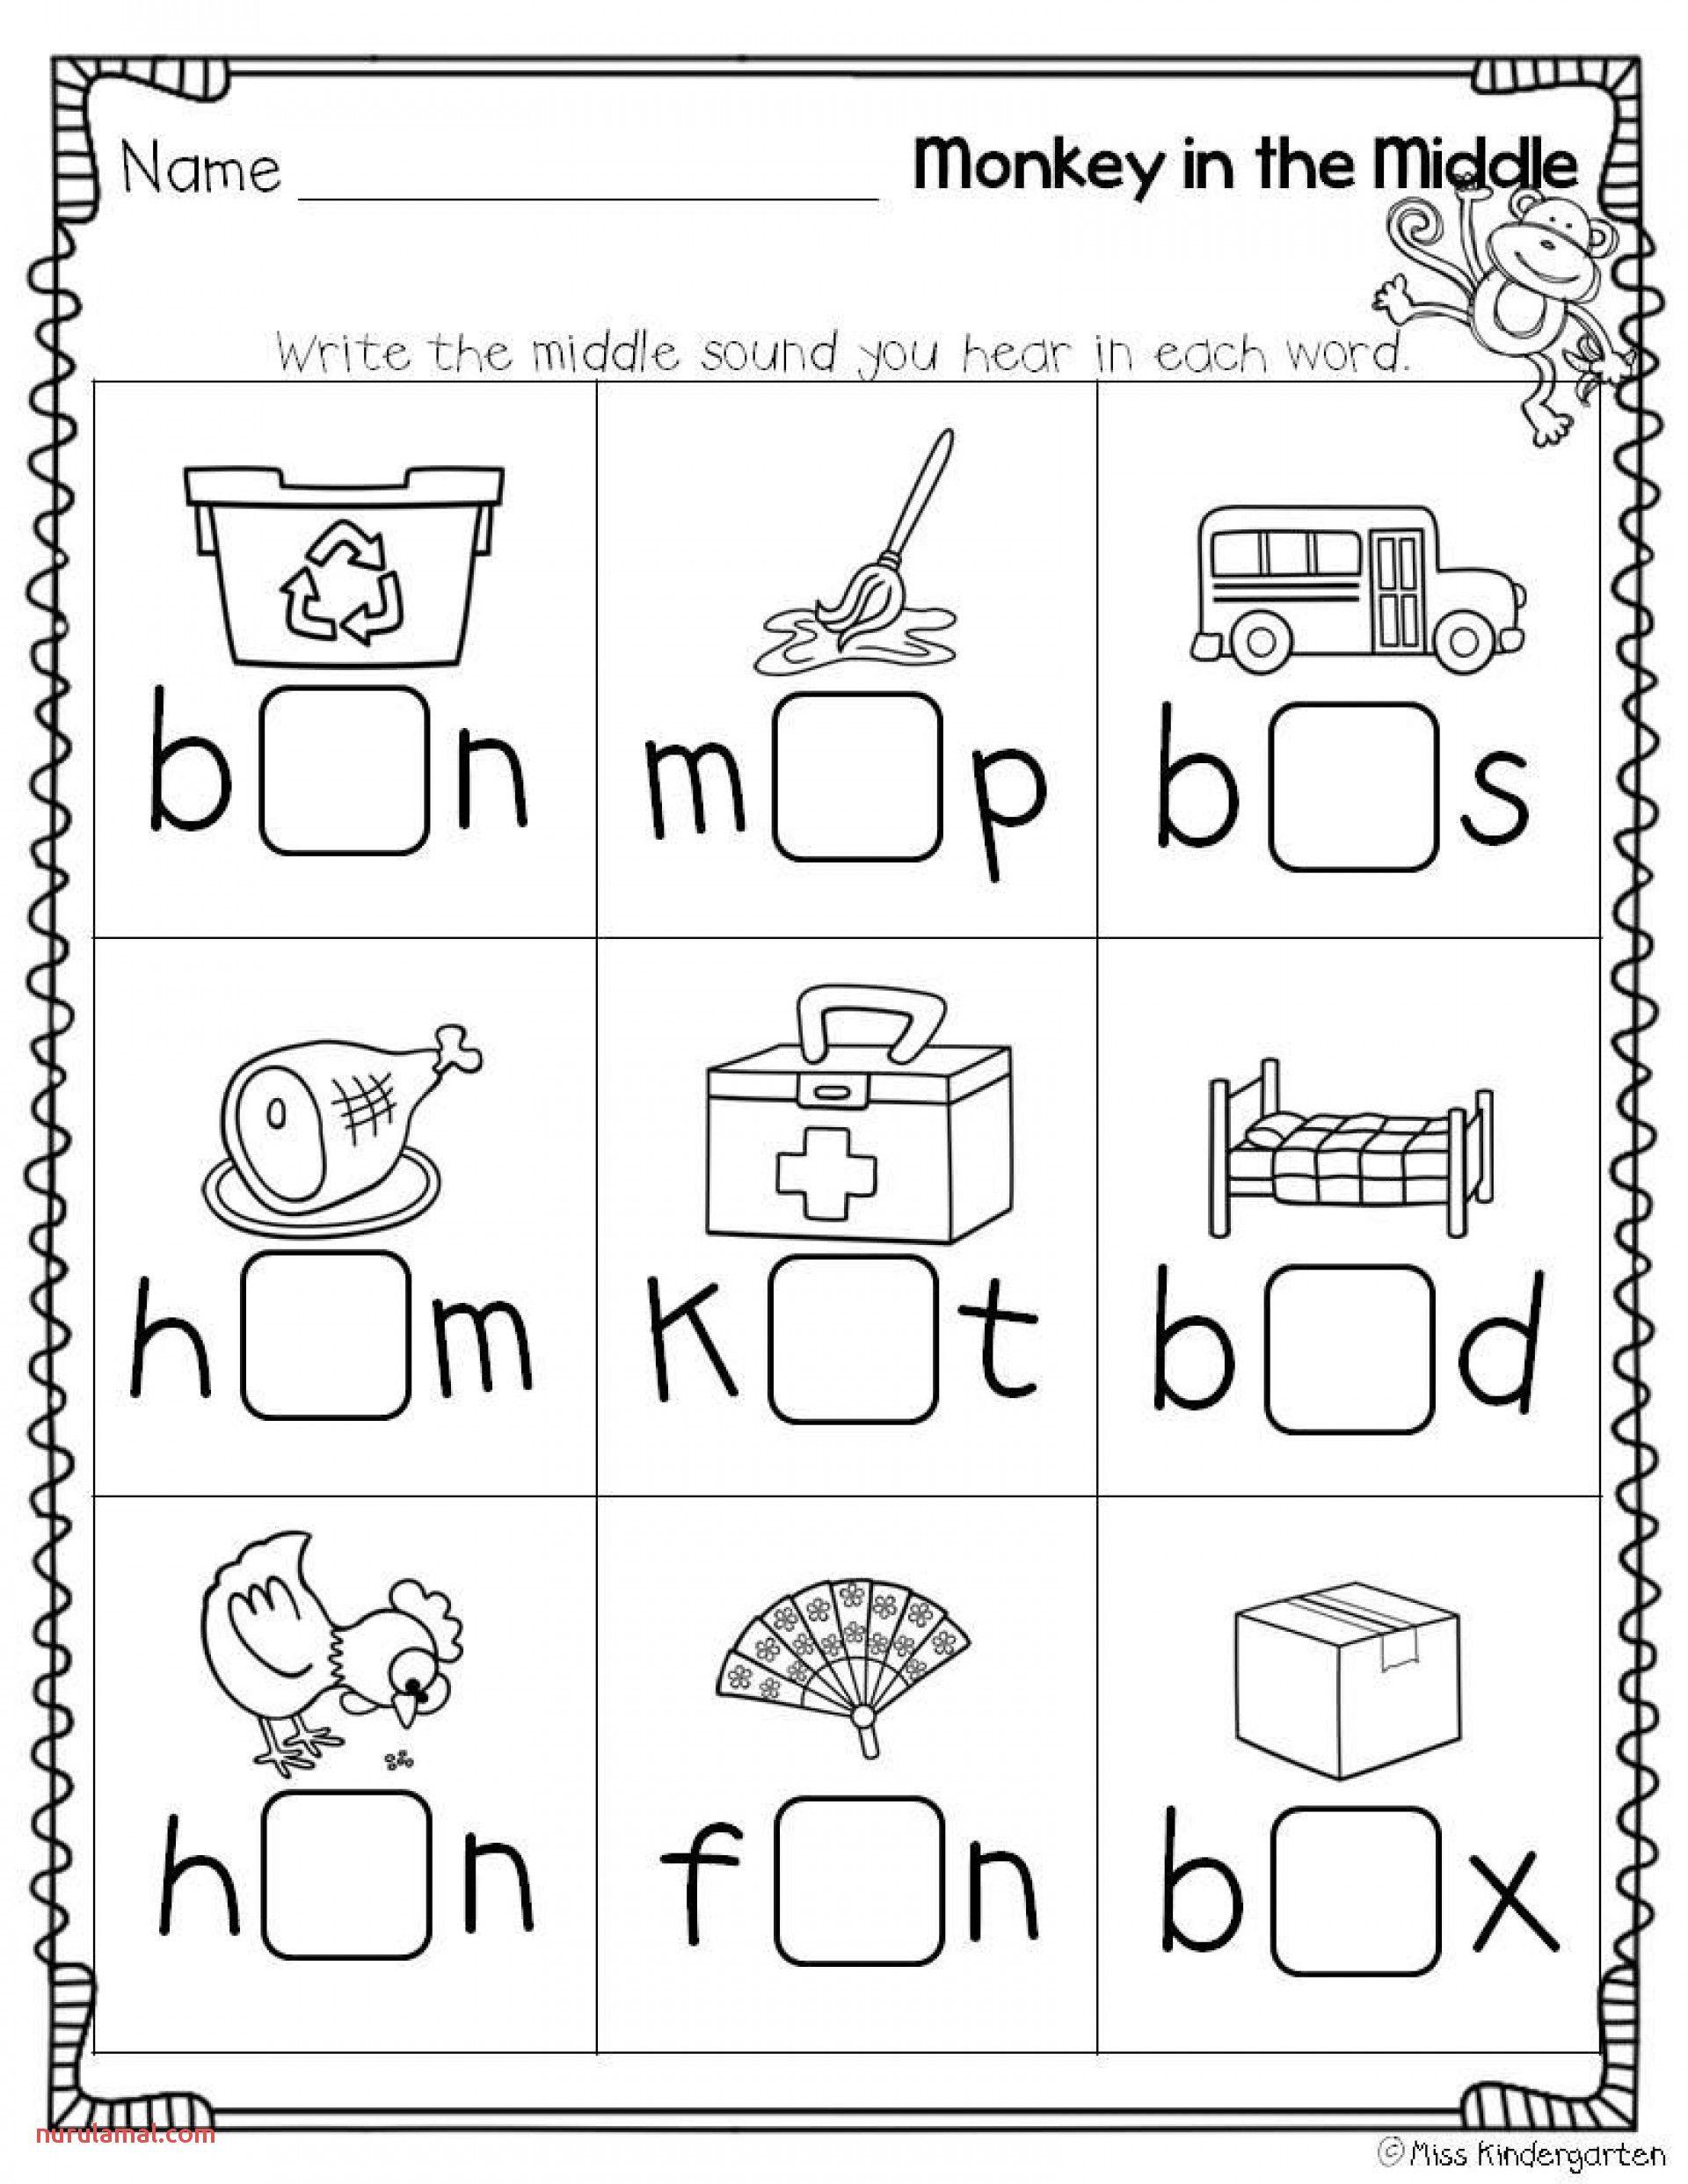 Letter V Worksheets For Preschool 001 Cvc Worksheets Kindergarten Middle Sounds Worksheet Phonics Kindergarten [ 2484 x 1920 Pixel ]